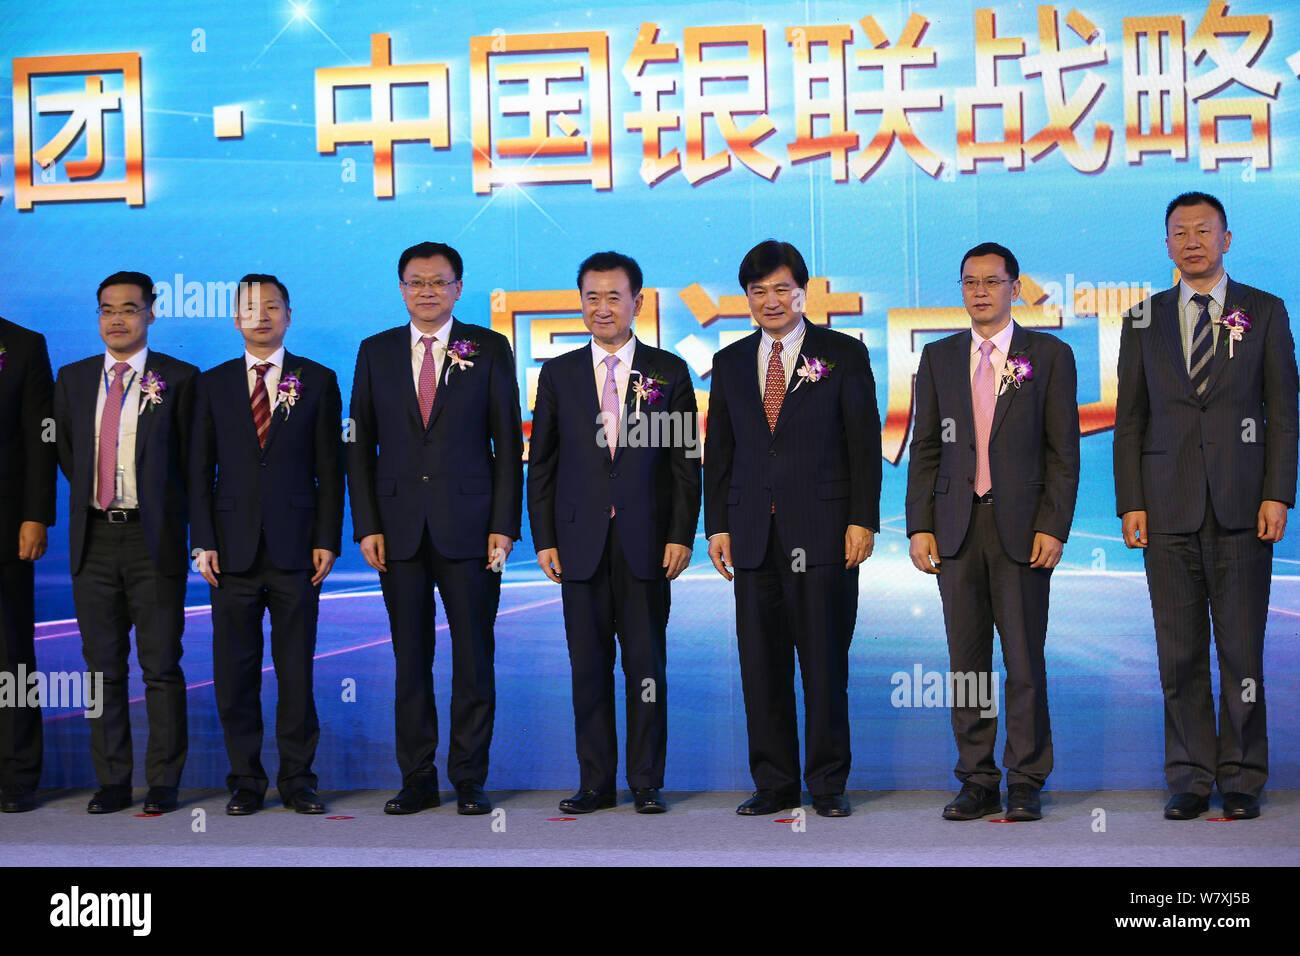 Wang Jianlin, center, Chairman of Wanda Group, and Ge